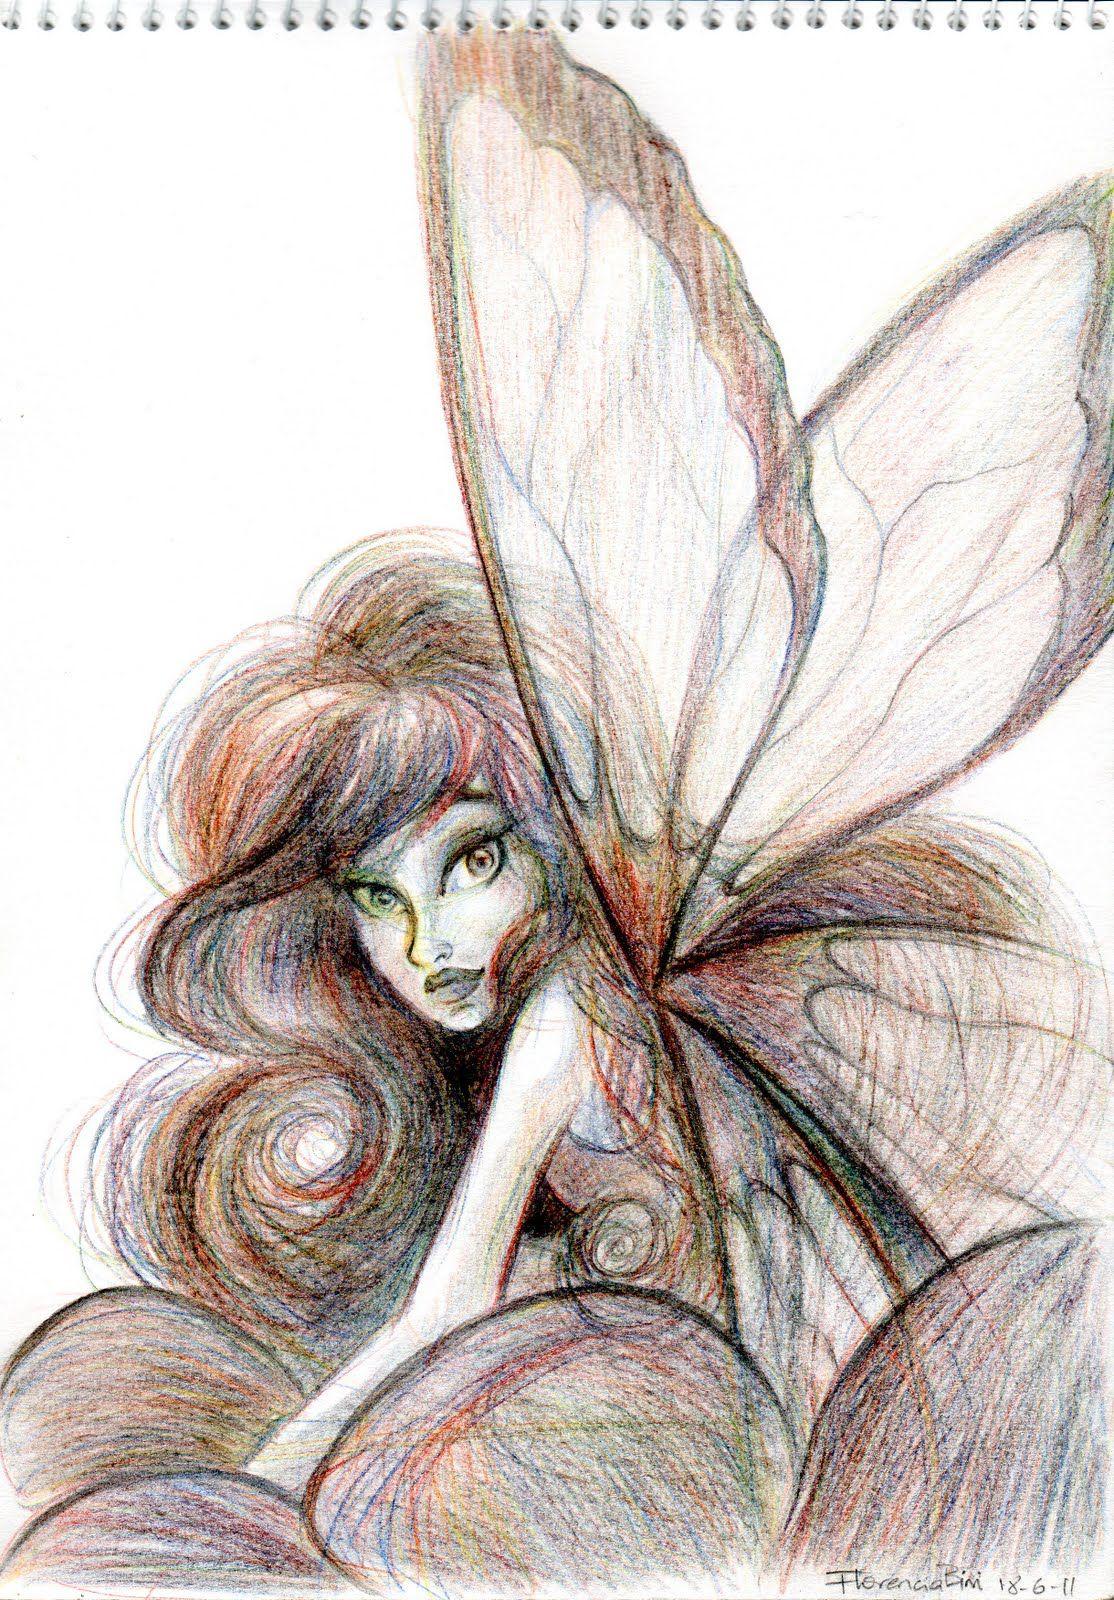 Pin de Tere GH en fantasia  Pinterest  Bocetos Dibujos del y